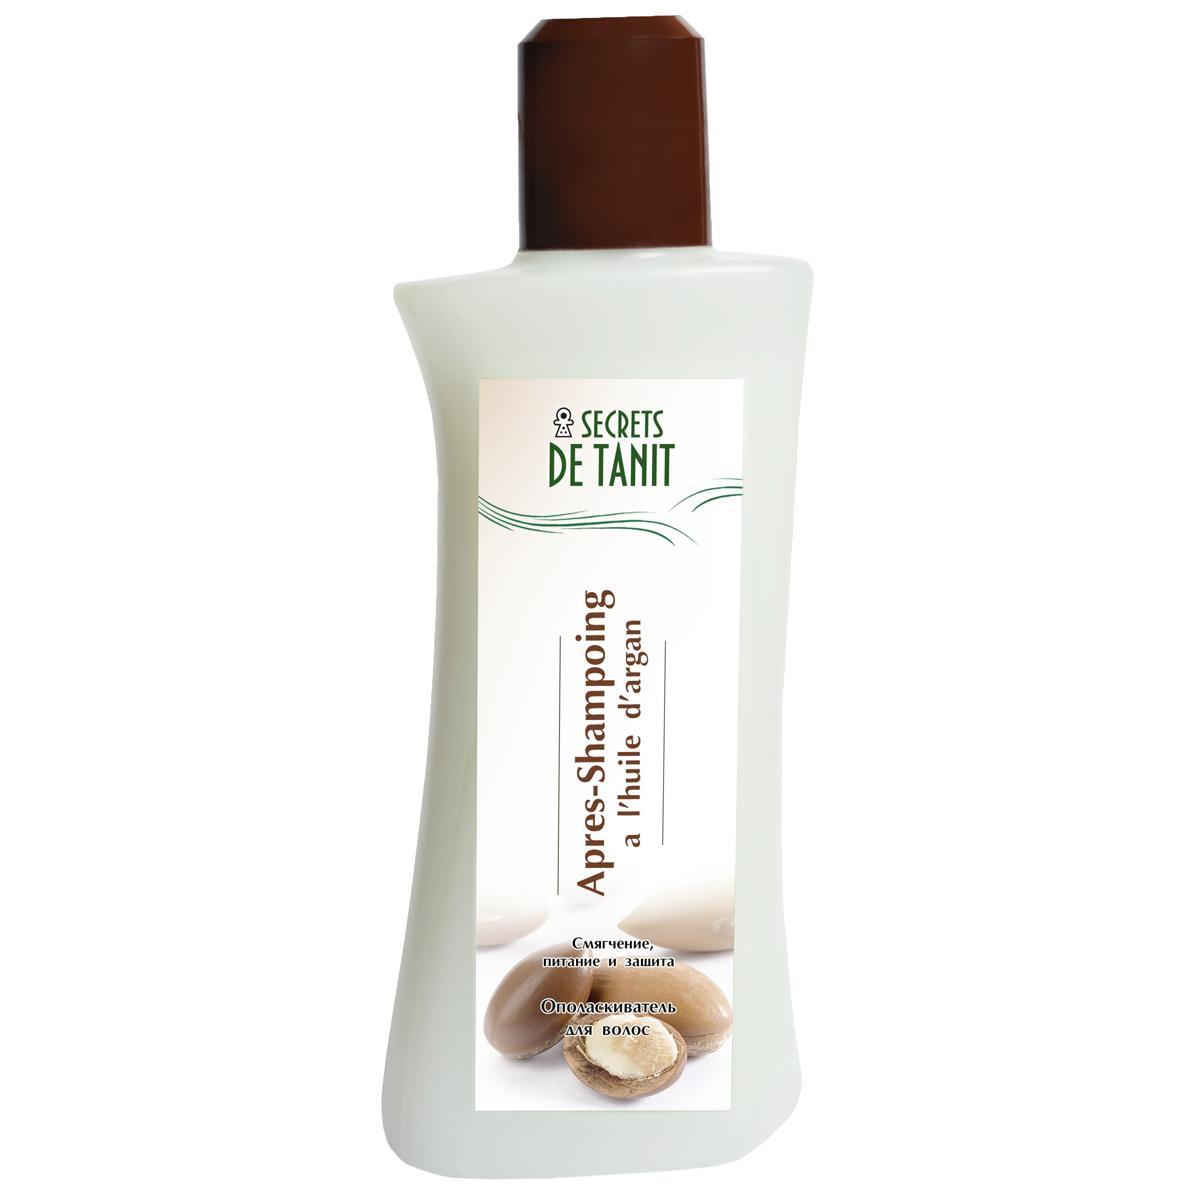 Secrets de Tanit Ополаскиватель для волос с маслом арганы, 200 мл5313Ополаскиватель для волос облегчает расчесывание волос после мытья Шампунем с глиной Тфаль( Гассуль) , питаетволосы, покрывает их защитной пленкой. Ополаскиватель содержит масло арганы, которое отлично восстанавливаетповрежденные волосы по всей длине, придает им блеск и сияние.Способ применения: нанести на чистые волосы ополаскиватель на 3 минуты